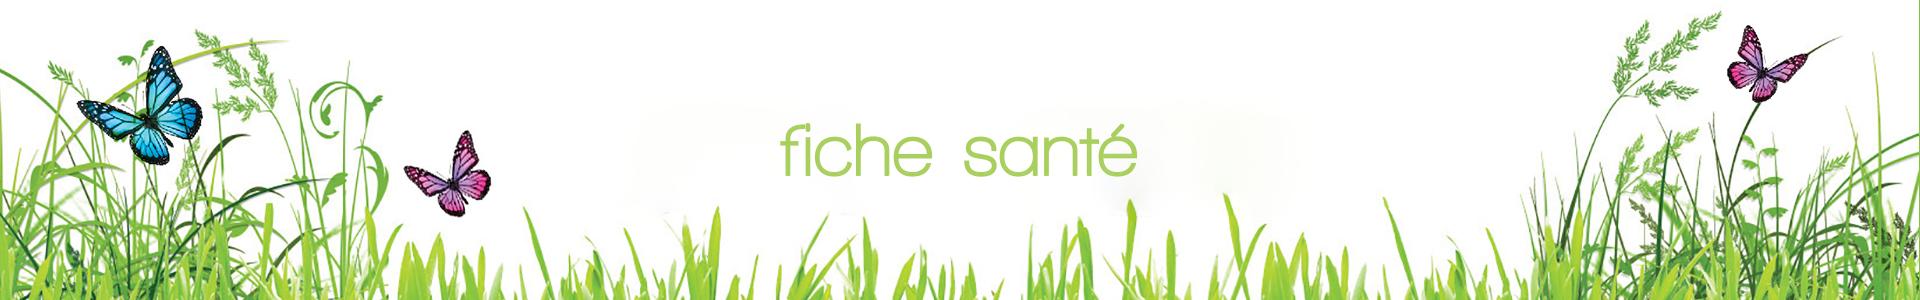 fiche-sante-banniere.png